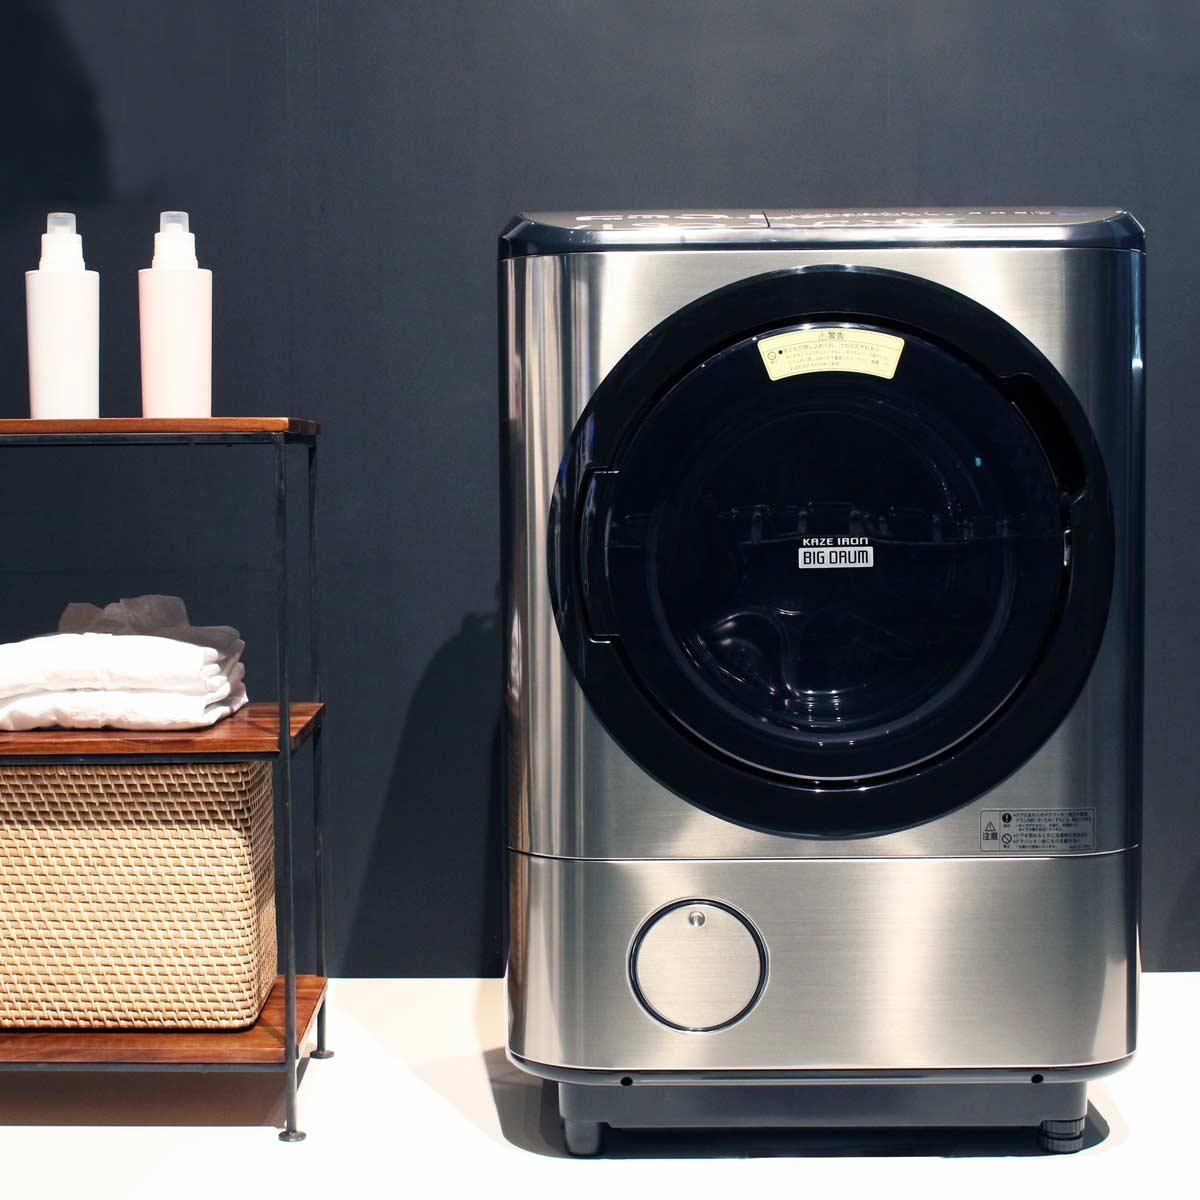 スマホで操作できるようになった日立のドラム式洗濯乾燥機の「AIお洗濯」って、なに?